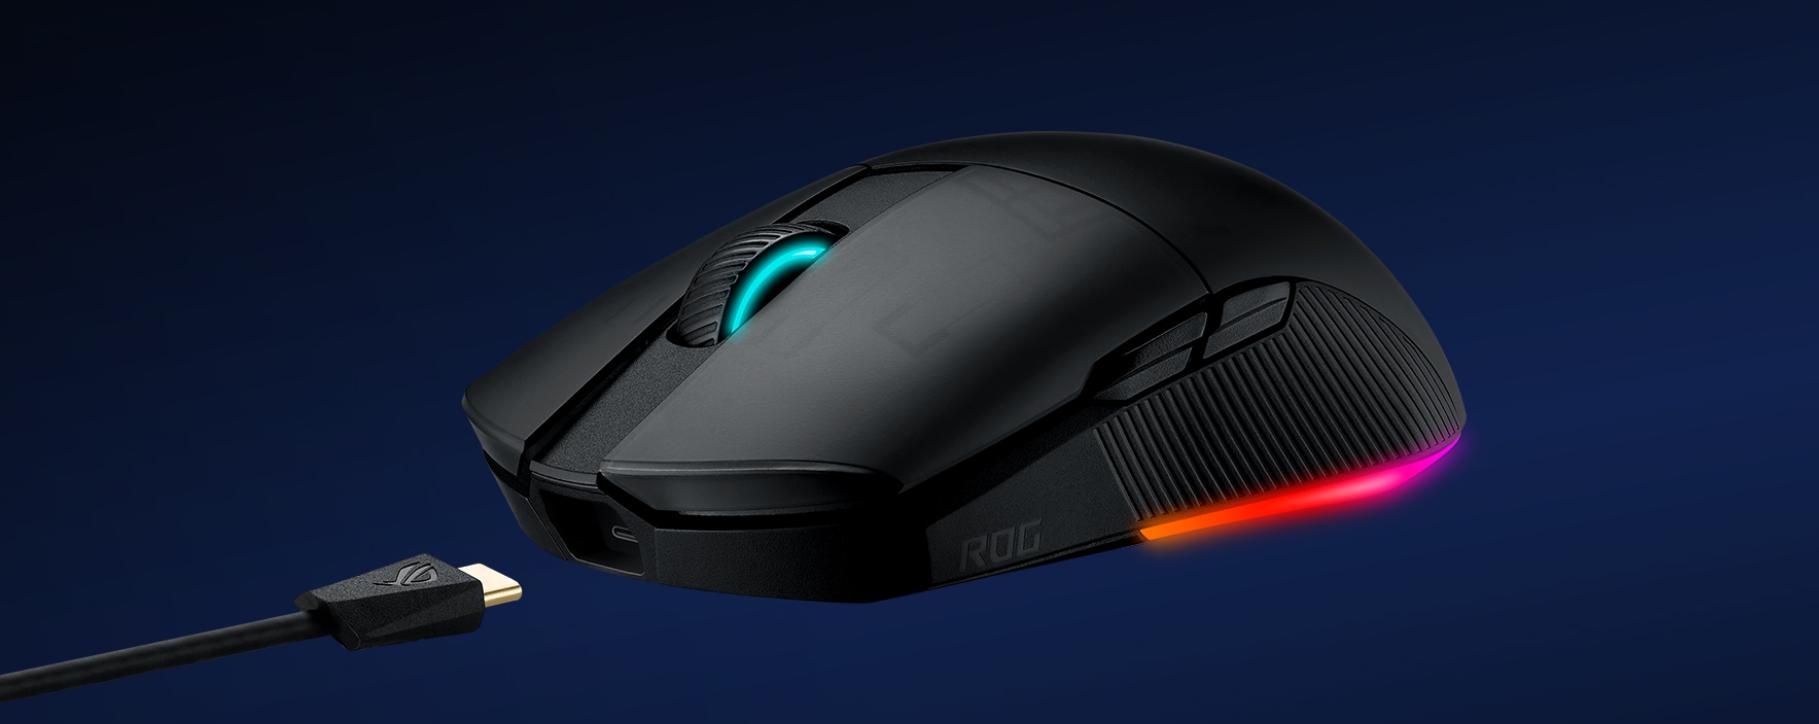 Chuột không dây chơi game Asus ROG Pugio II (P705) (USB/RGB/Đen) trang bị mắt cảm biến cao cấp